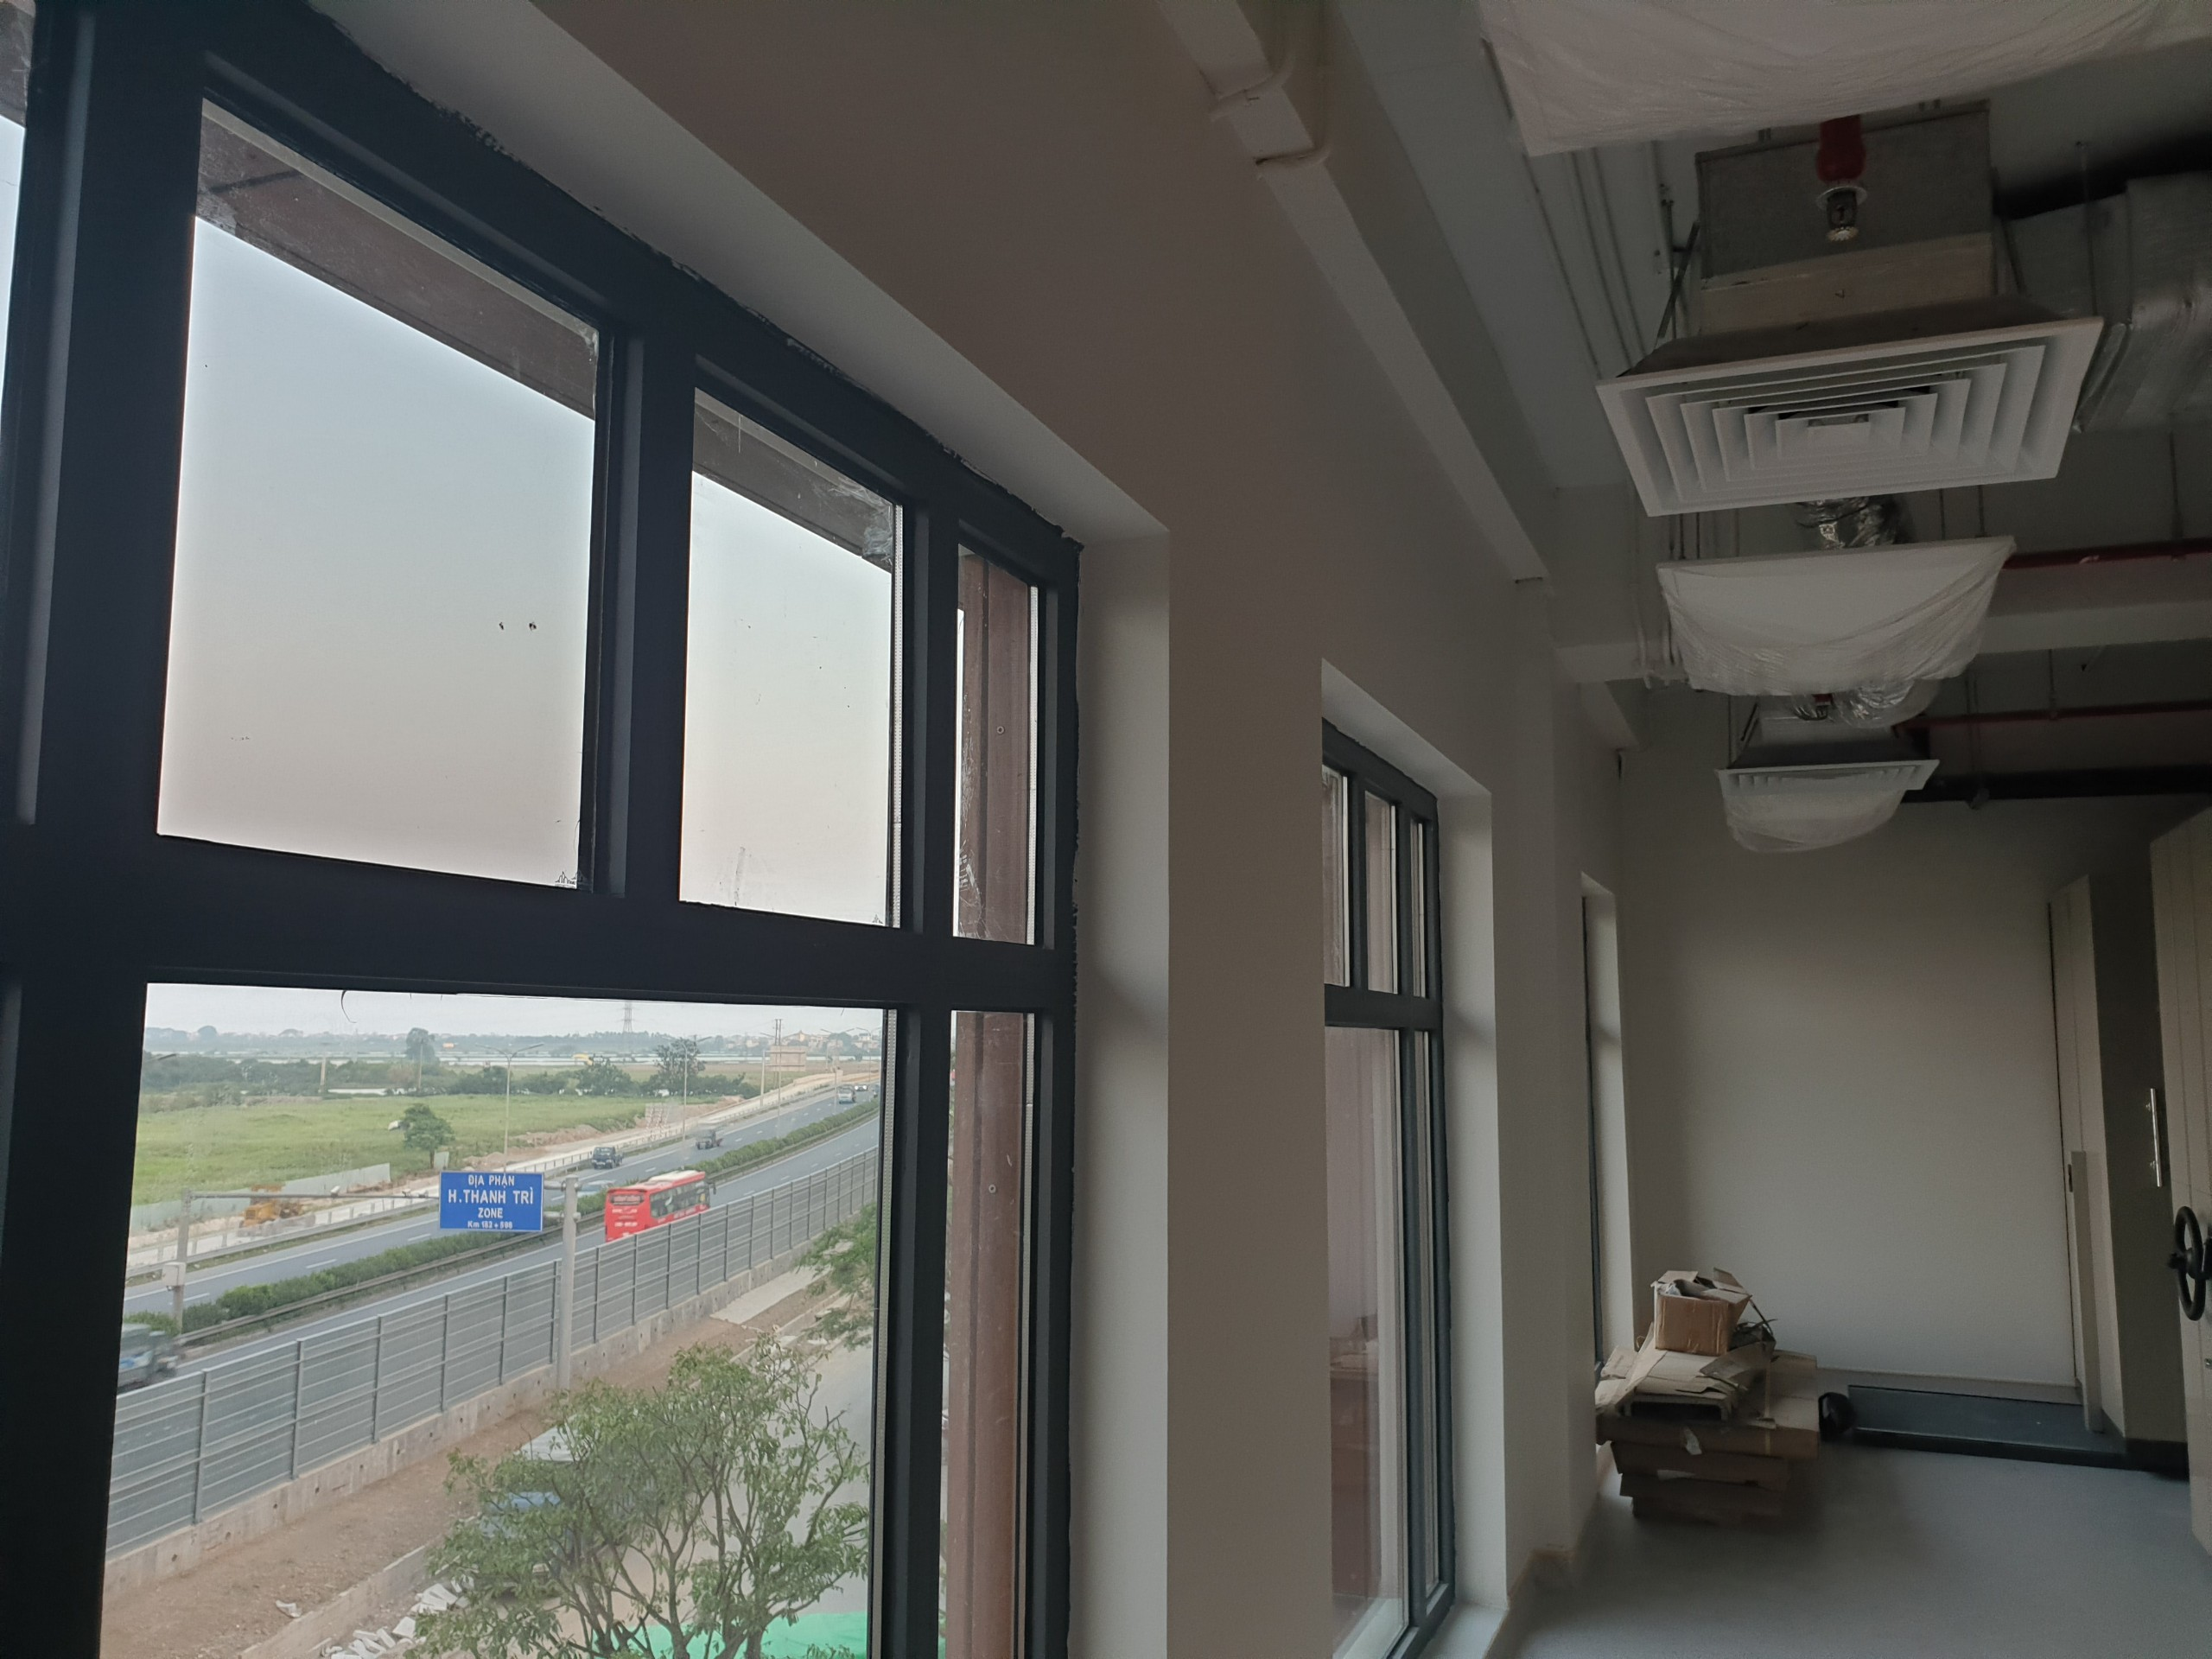 Hệ thống điều hòa trung tâm âm trần ống gió dùng cho văn phòng